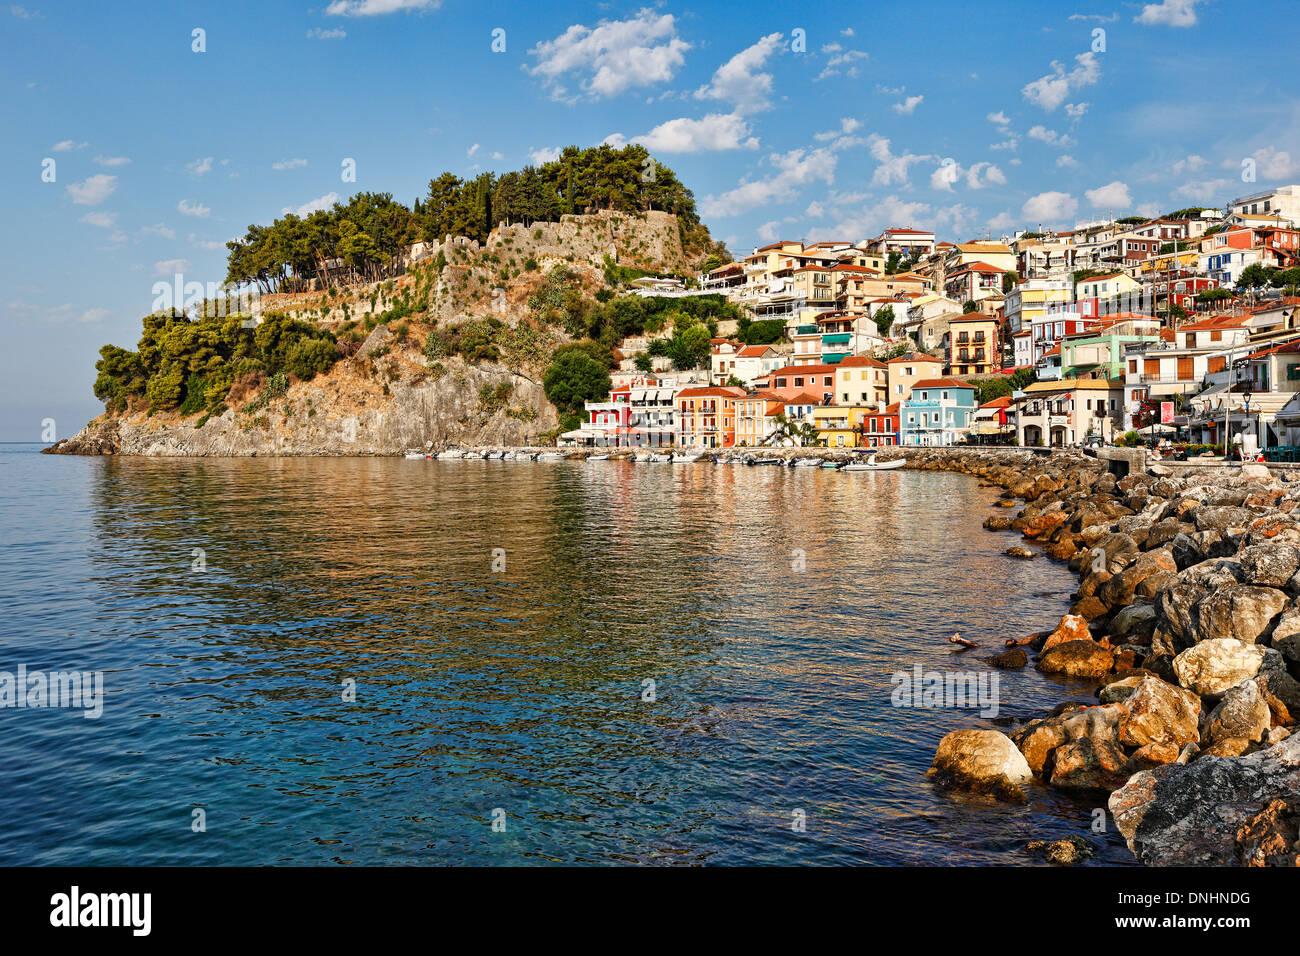 La bahía con las coloridas casas de Parga, Grecia Imagen De Stock